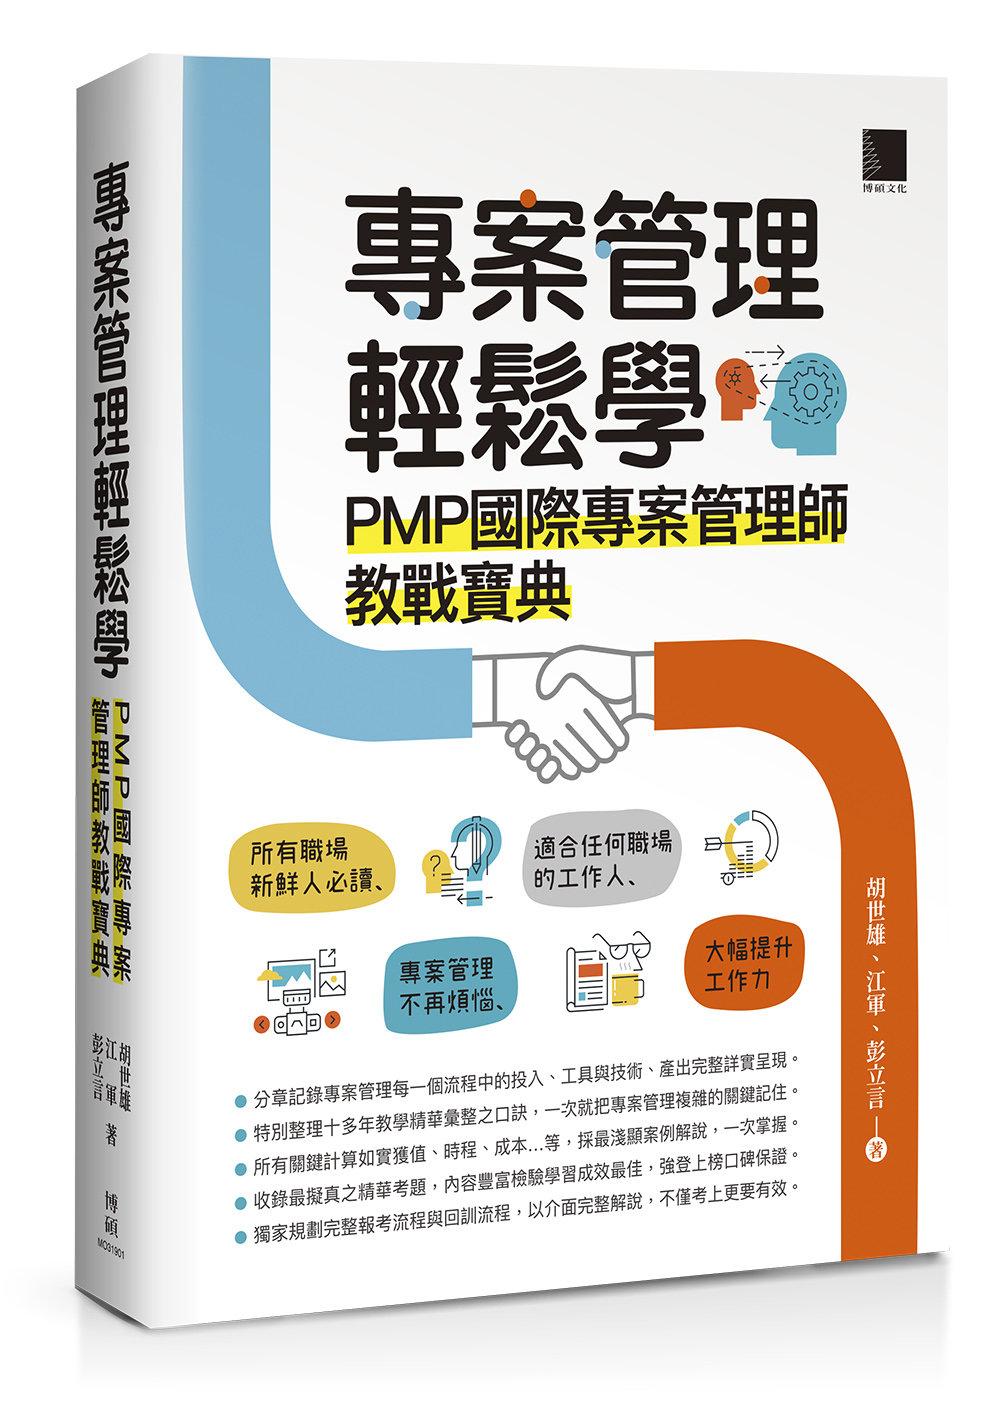 專案管理輕鬆學:PMP 國際專案管理師教戰寶典-preview-1